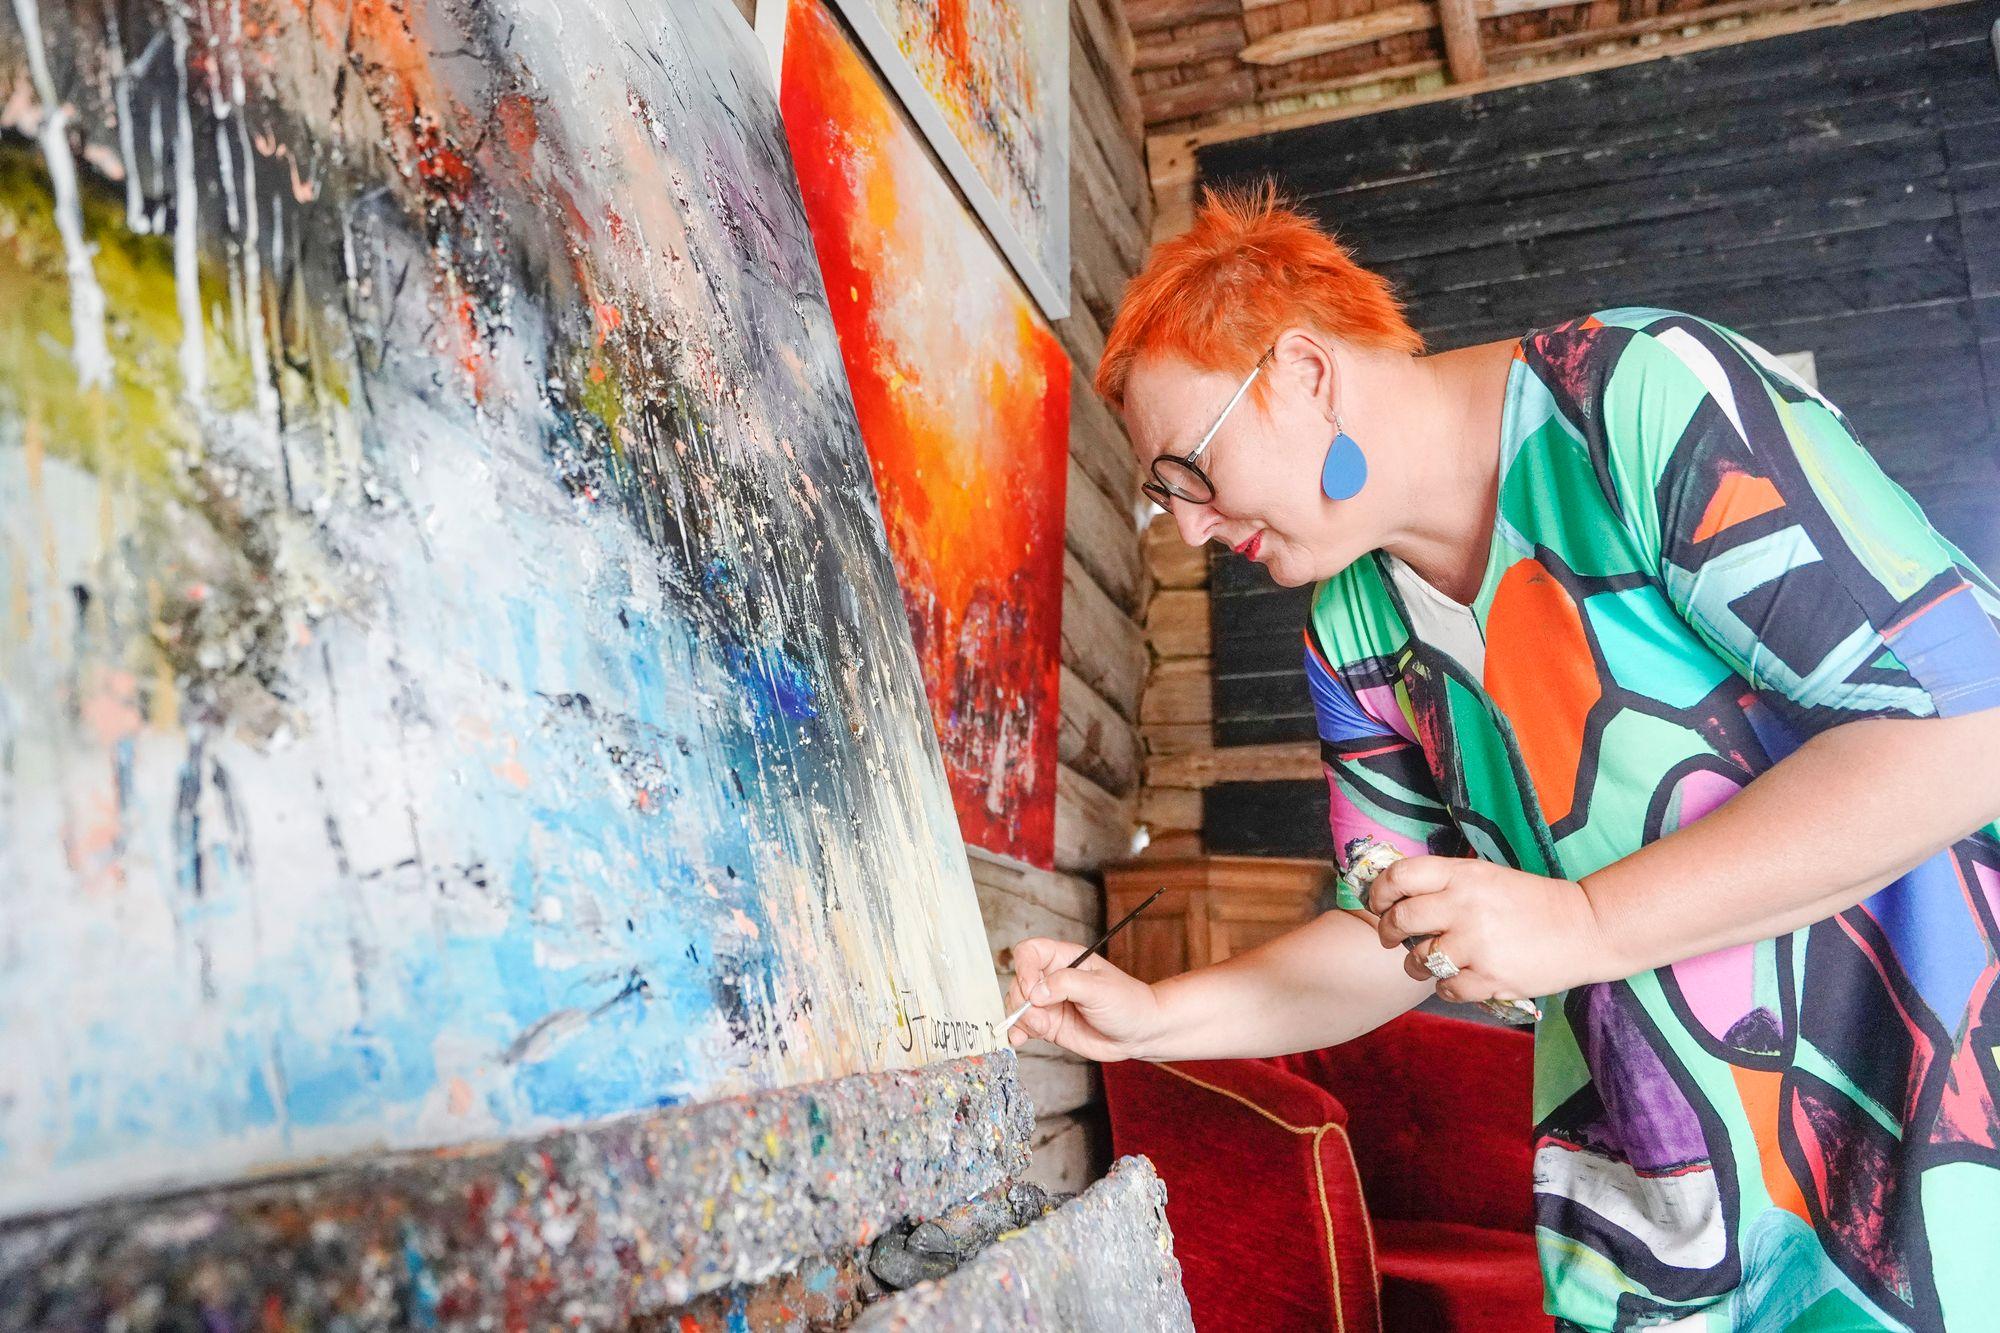 Sari Haapaniemi on tuottelias taiteilija